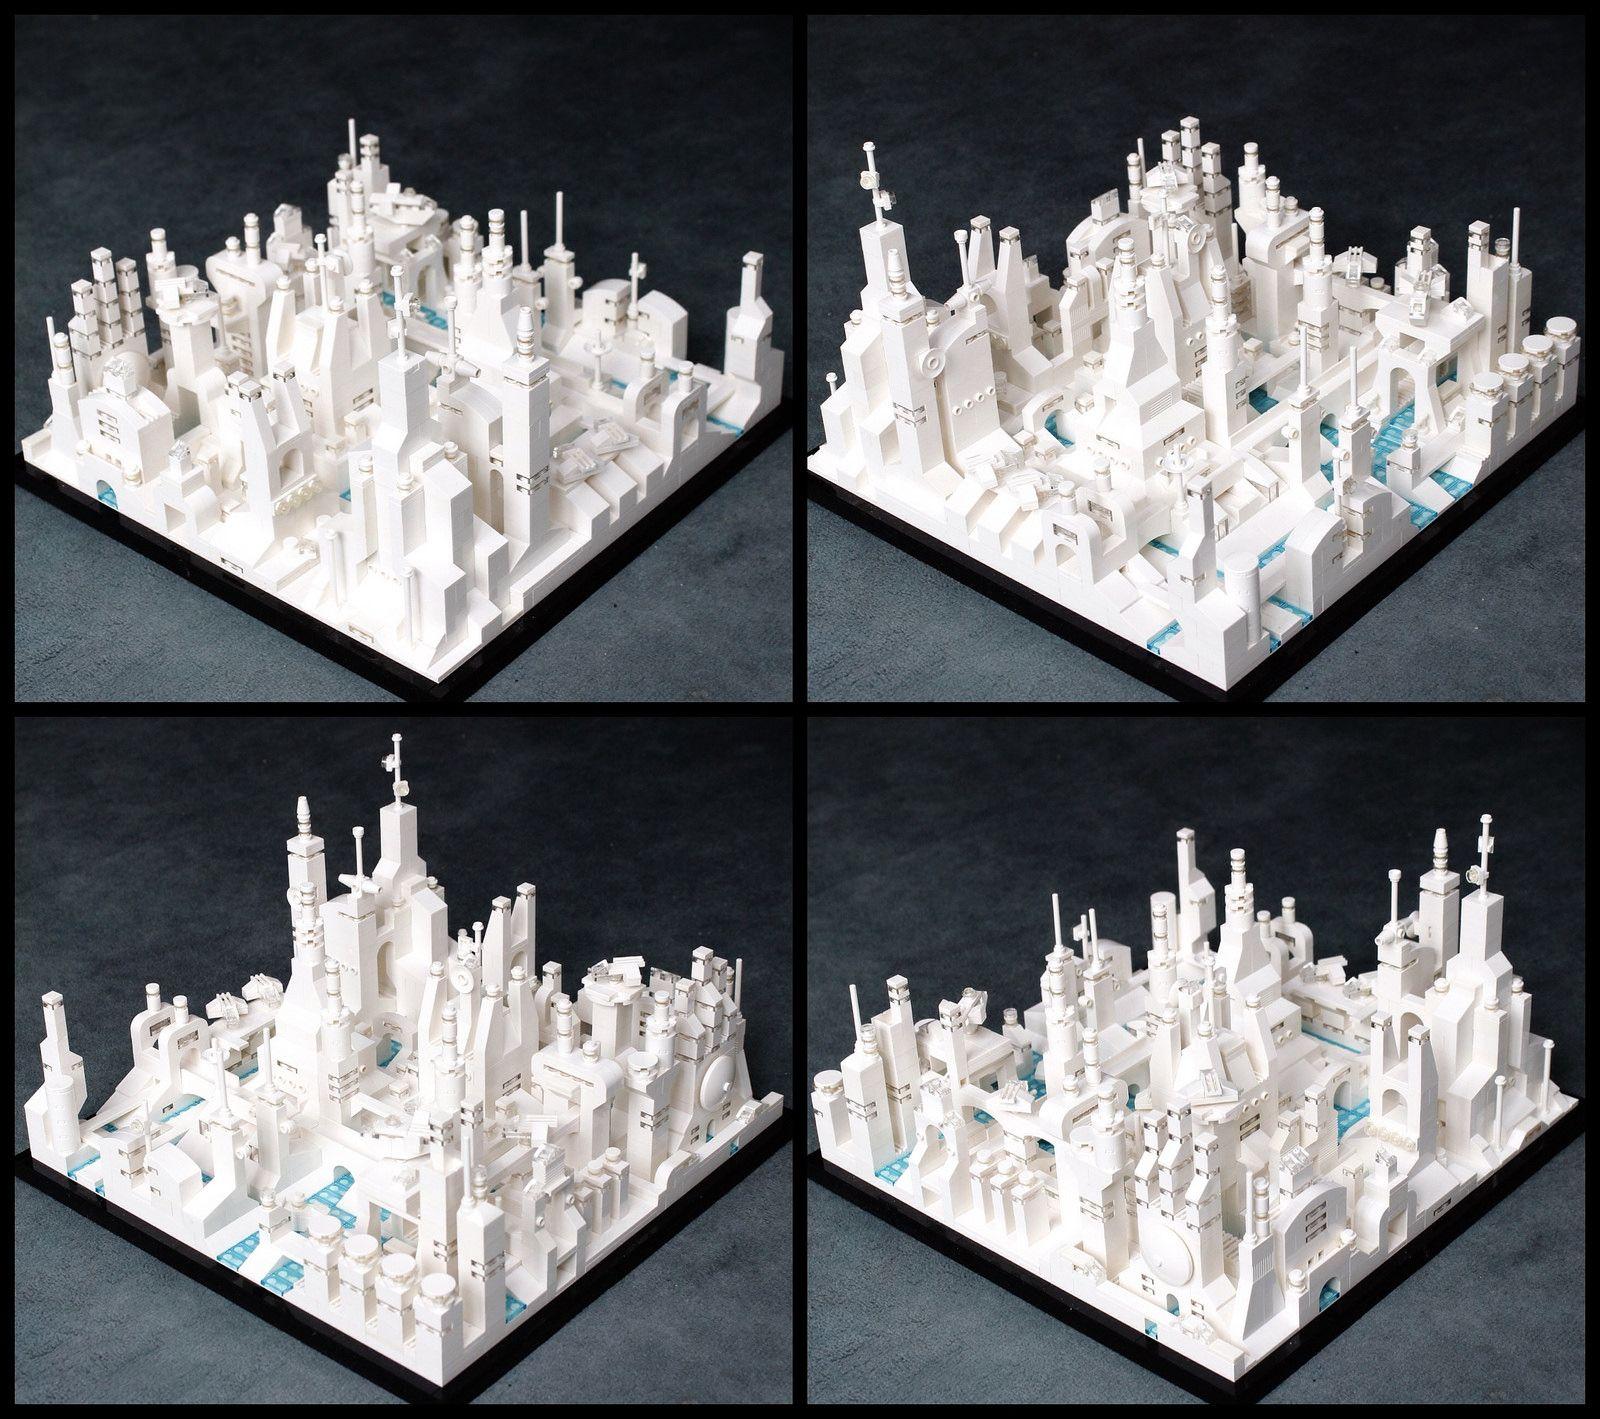 Lego Metropolis Lego architecture, Micro lego, Lego